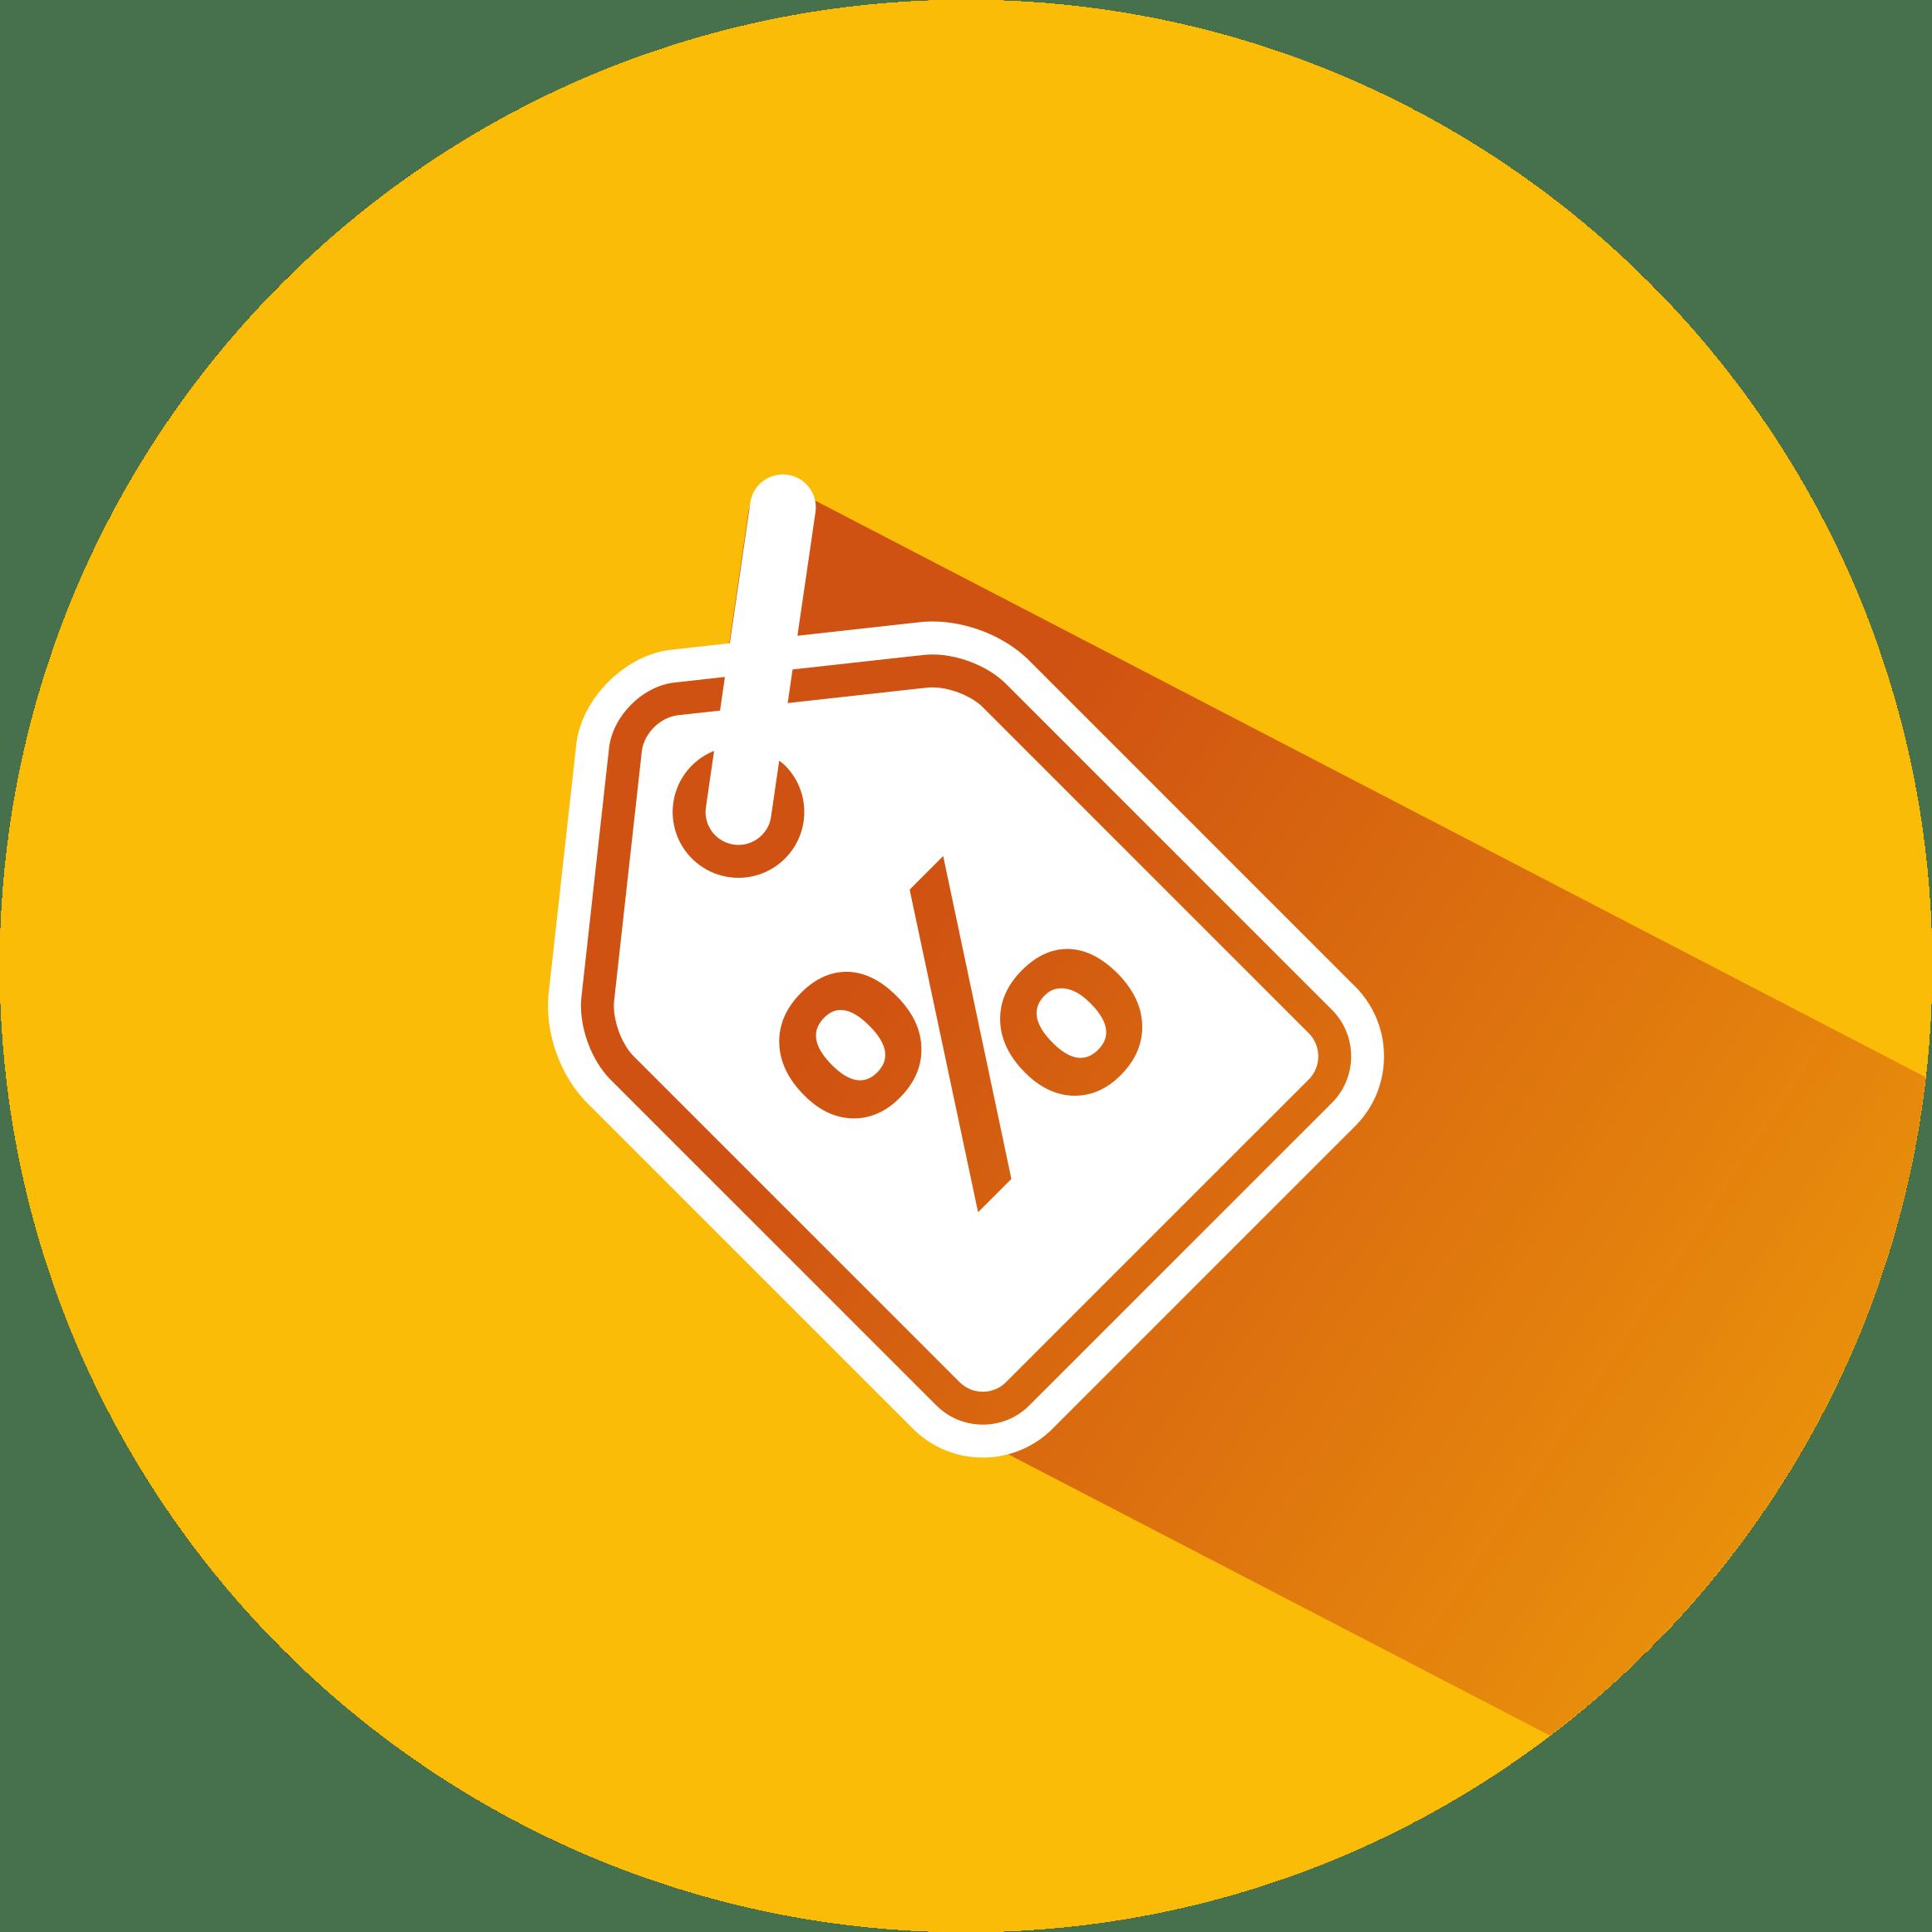 Скидки для постоянных клиентов